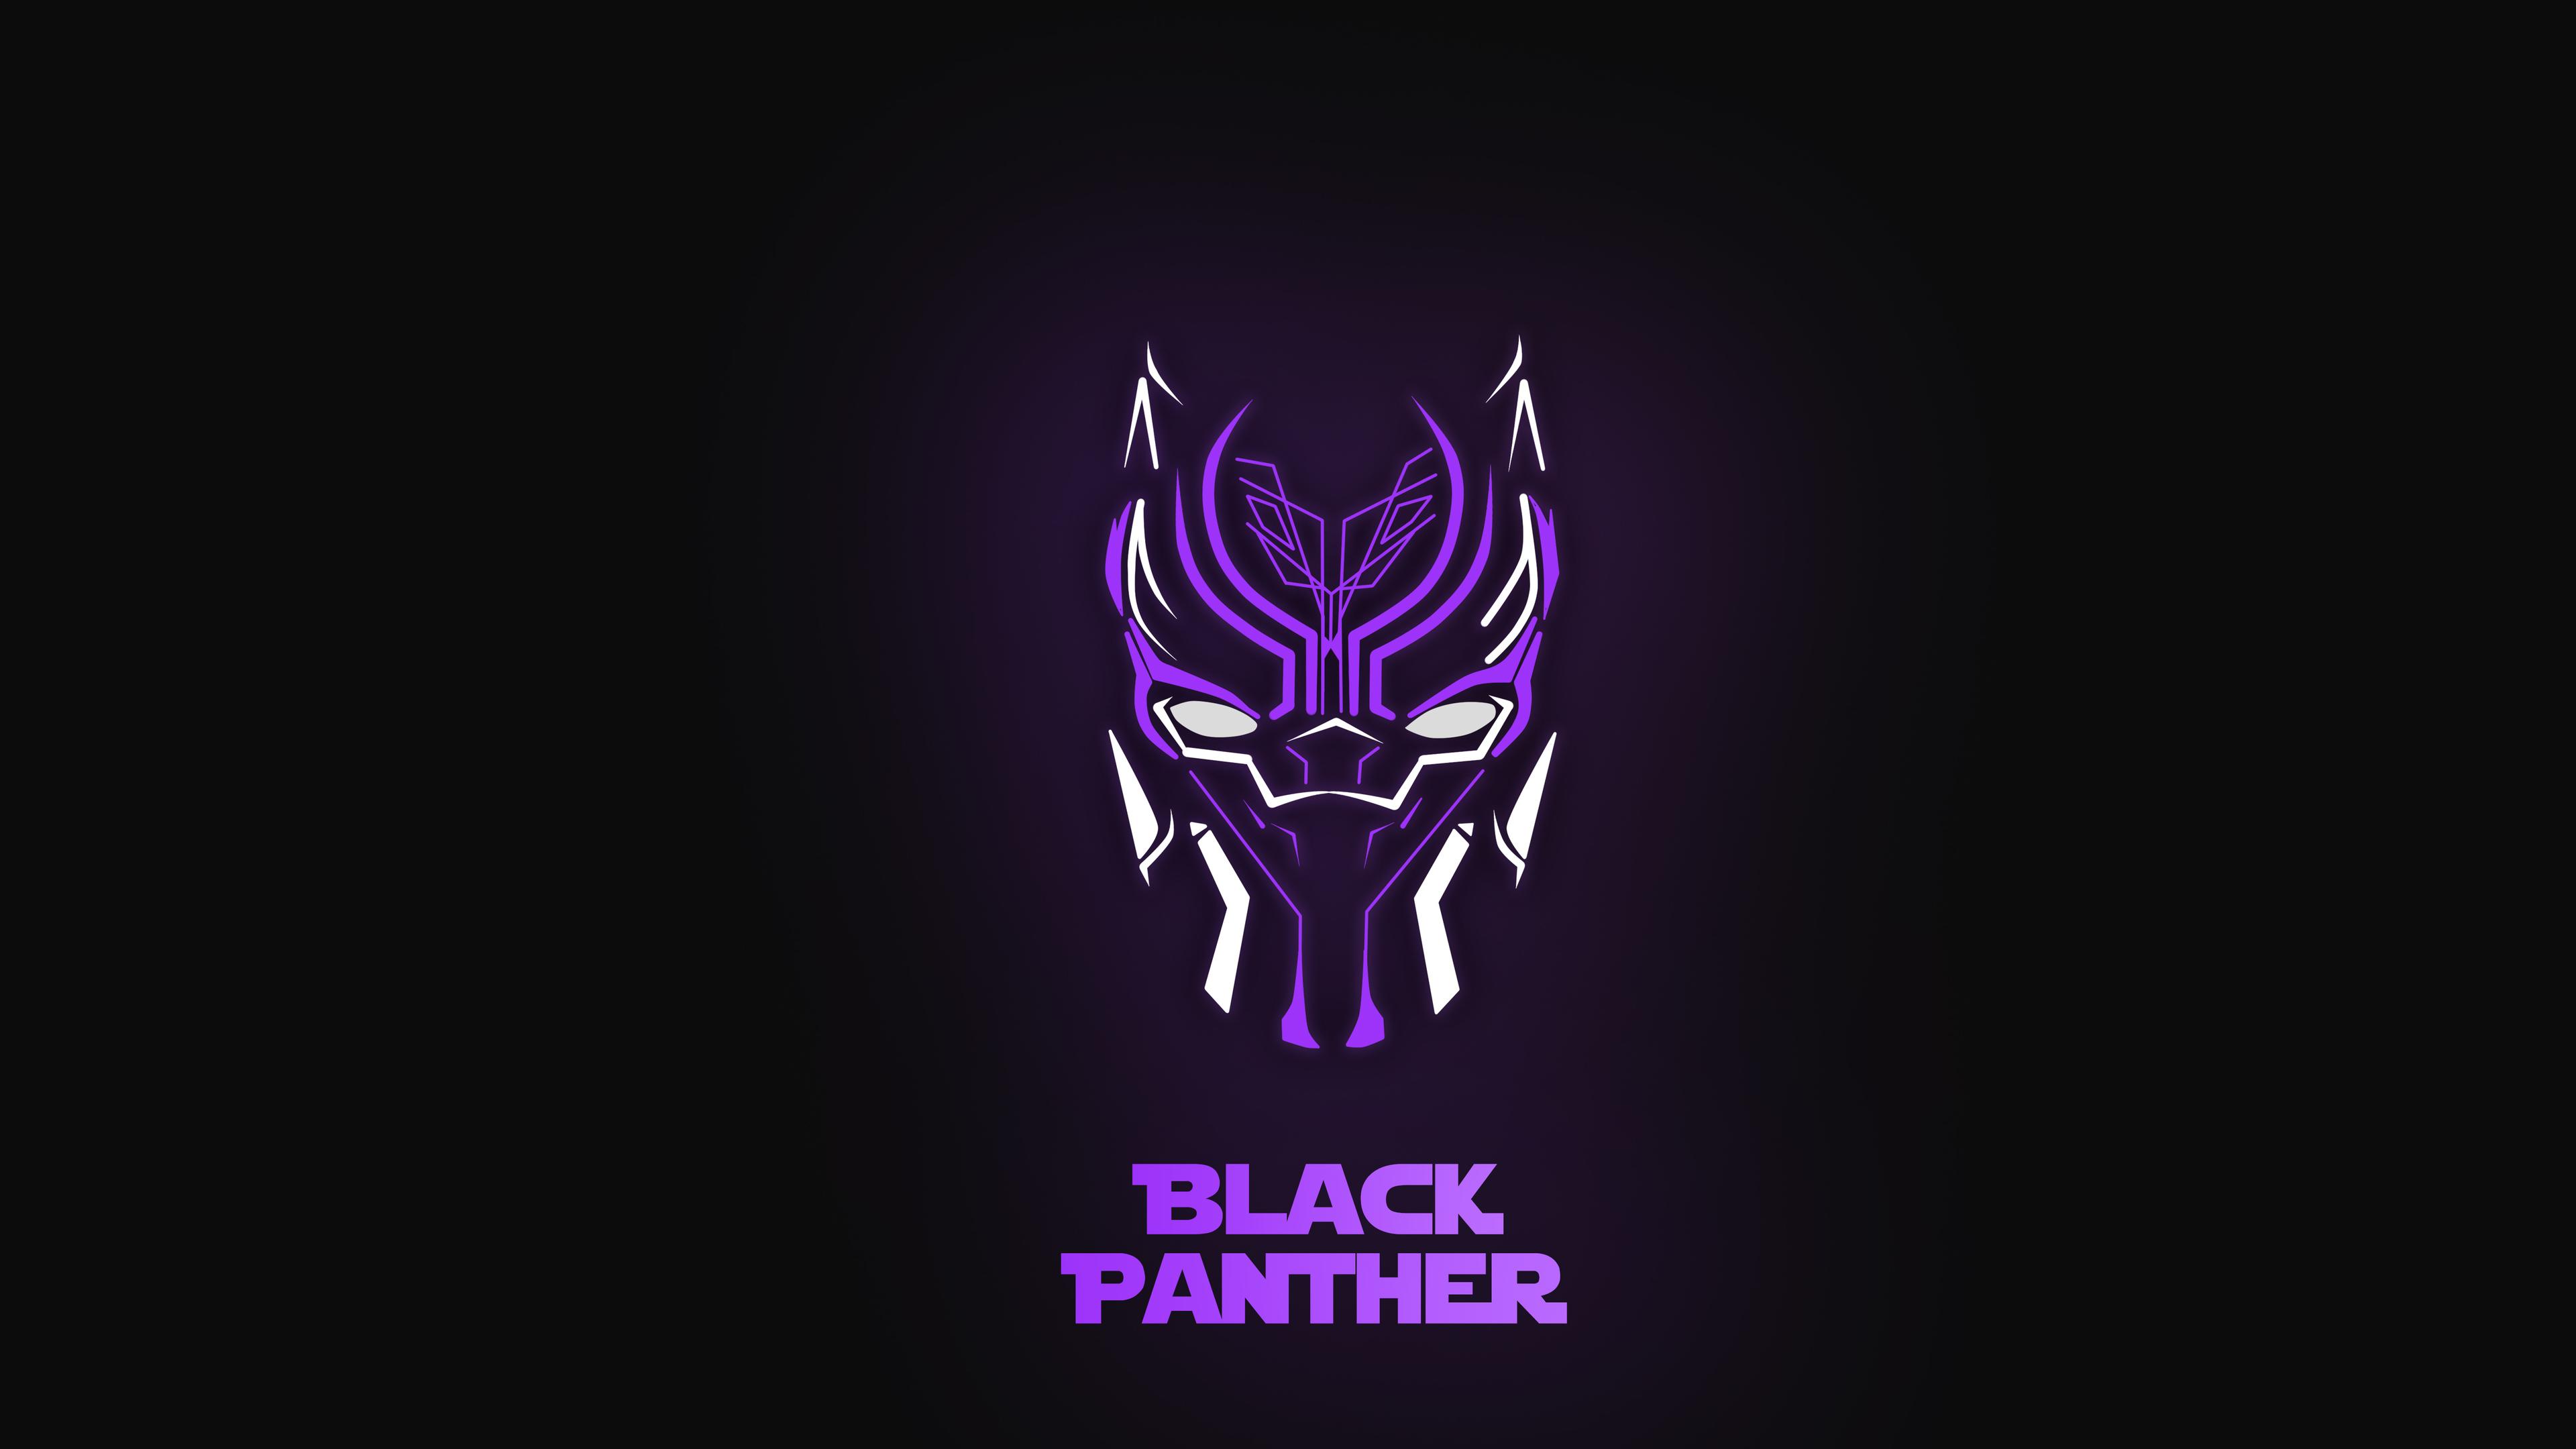 3840x2160 Black Panther Minimal Mask 4K Wallpaper, HD ...